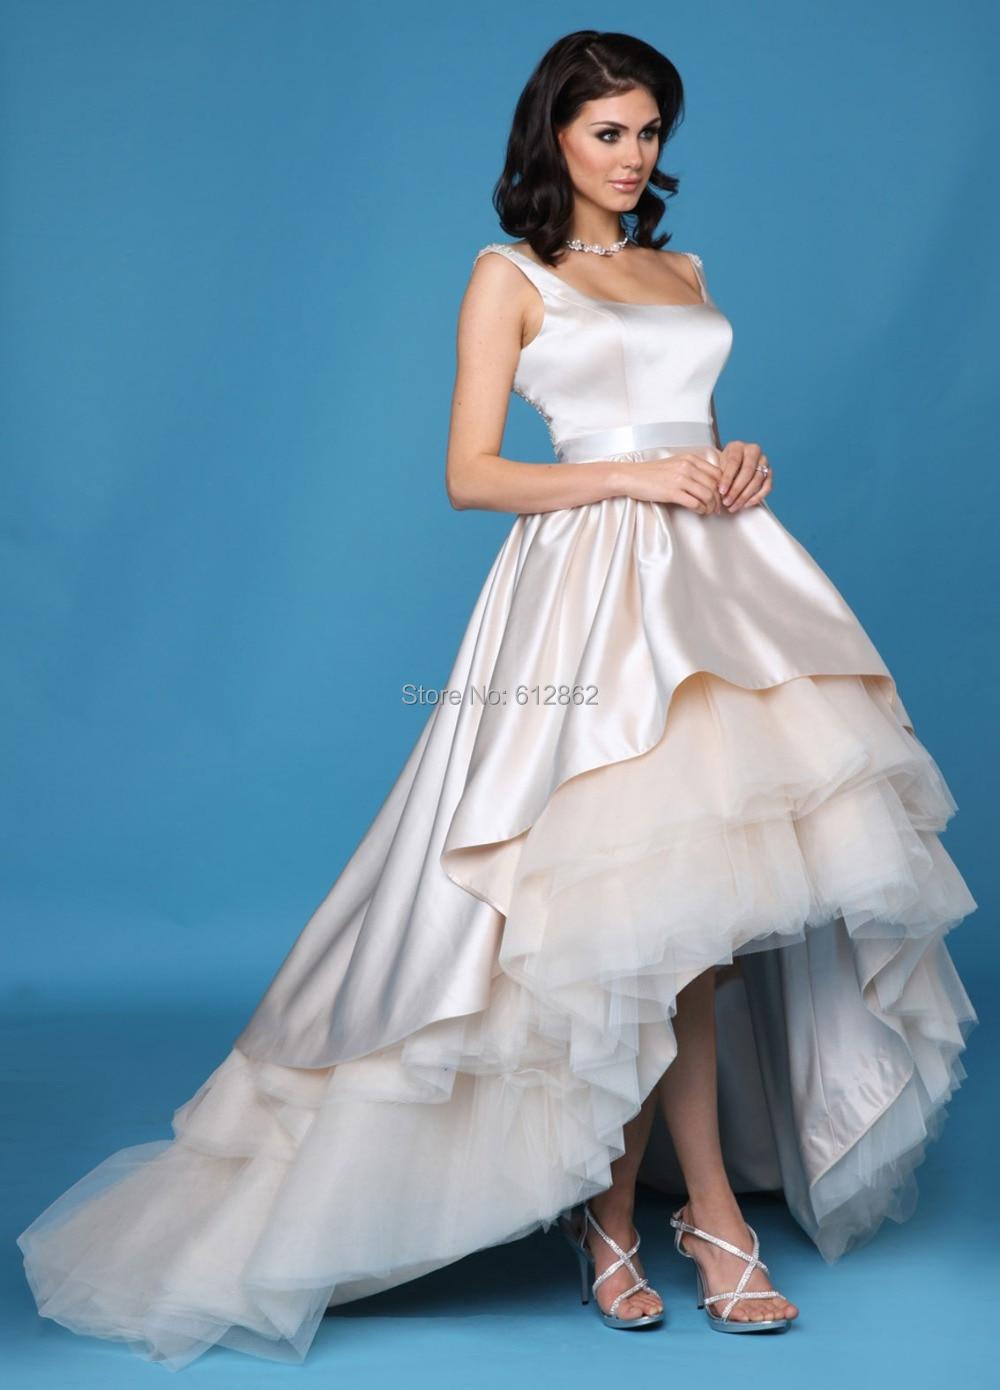 Perfect Fabricas De Vestidos De Novia Sketch - Womens Dresses ...